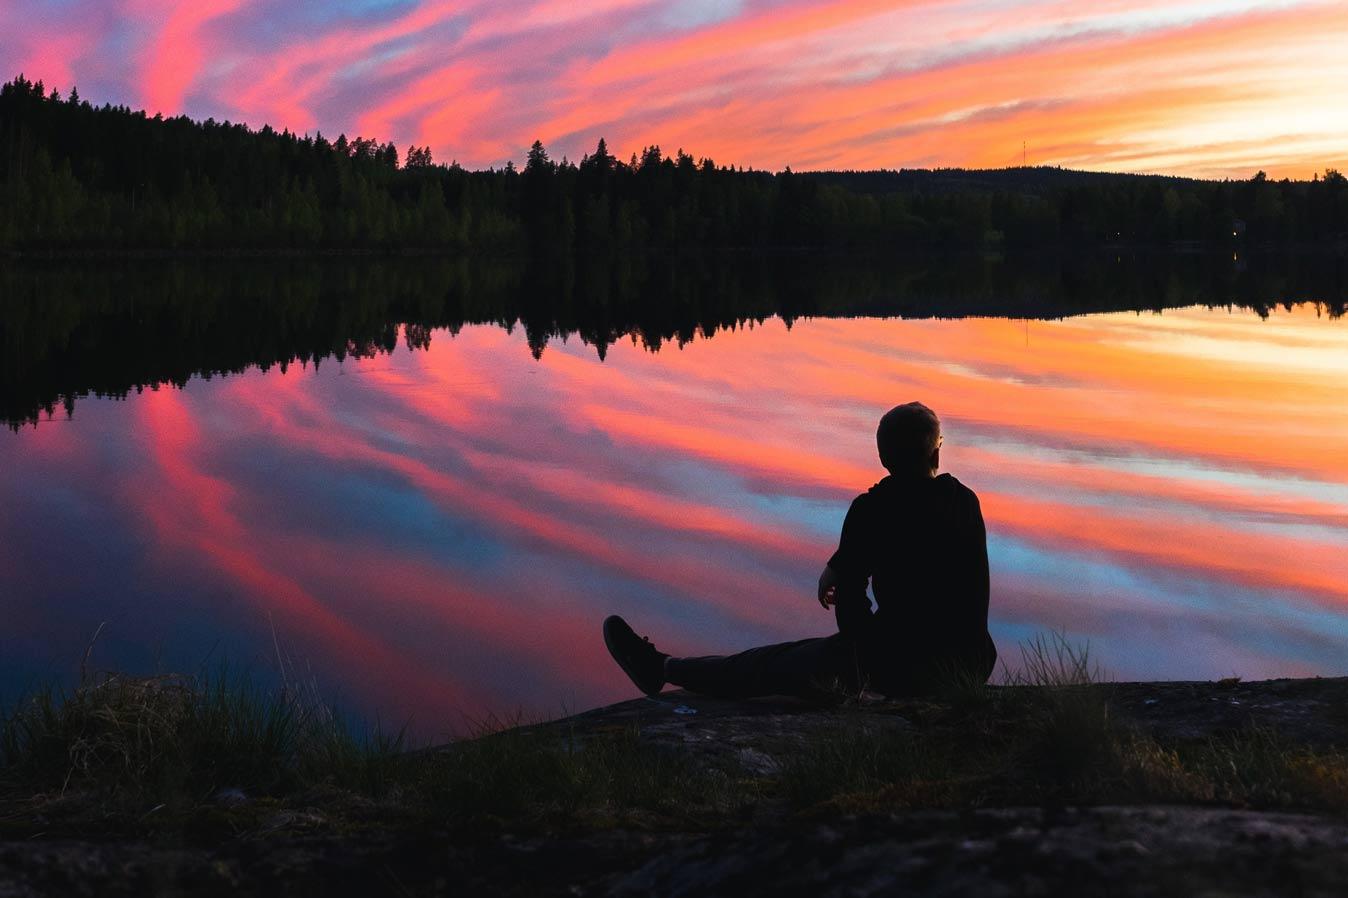 Финляндия возглавила мировой рейтинг устойчивого развития